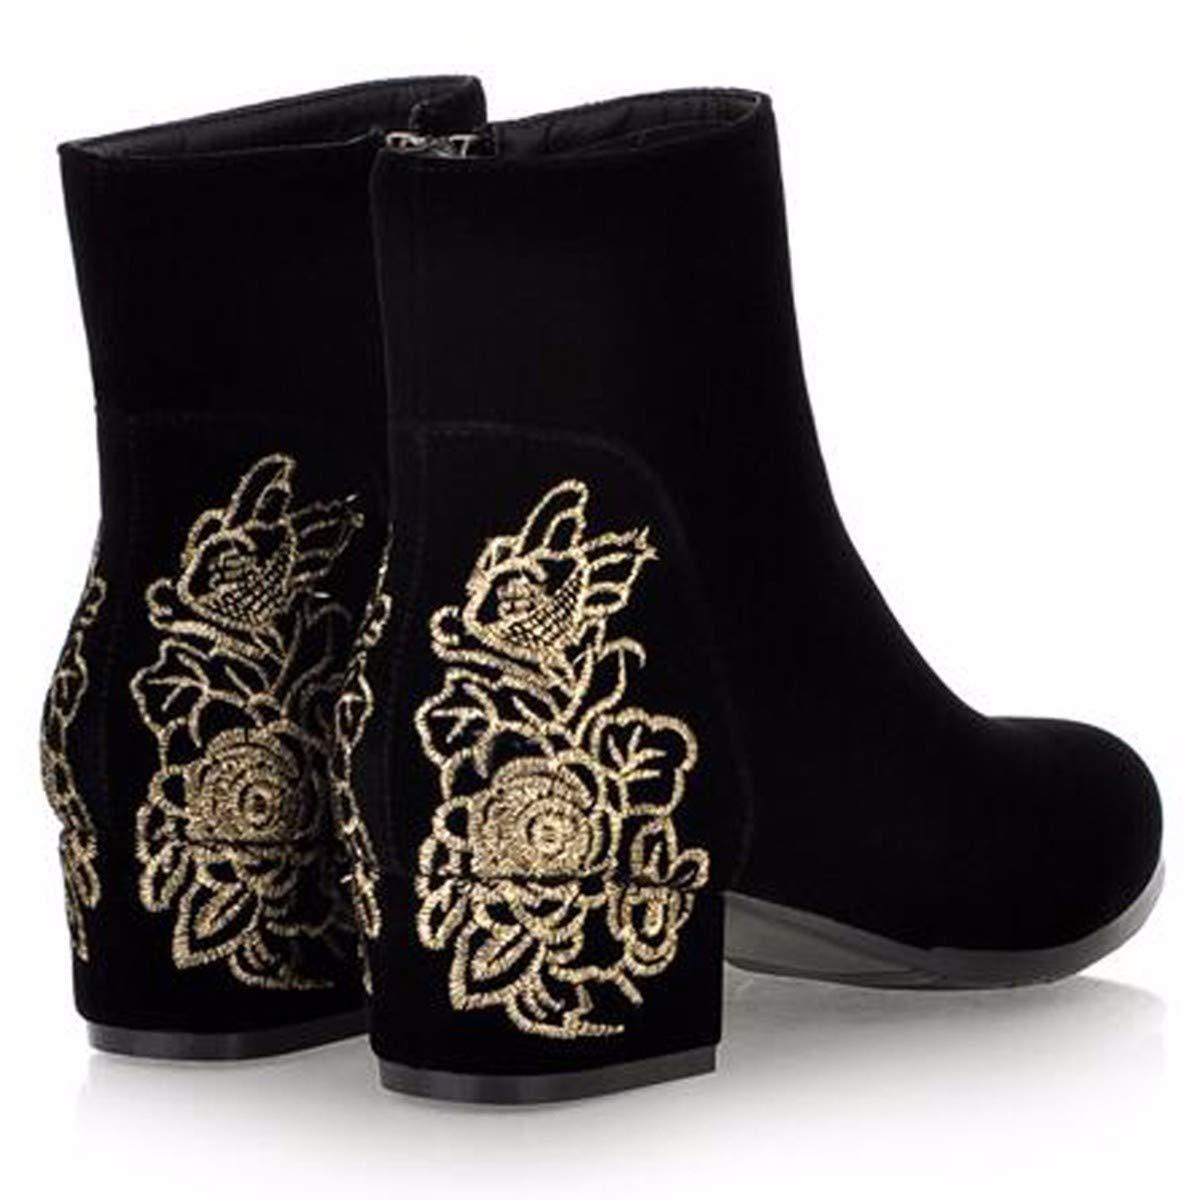 KPHY Damenschuhe Im Herbst und Winter Bestickte Stiefel Vereiste Dicke Betuchte Stiefel Nahen Betuchte Nationalen Stil Mutter Schuhe